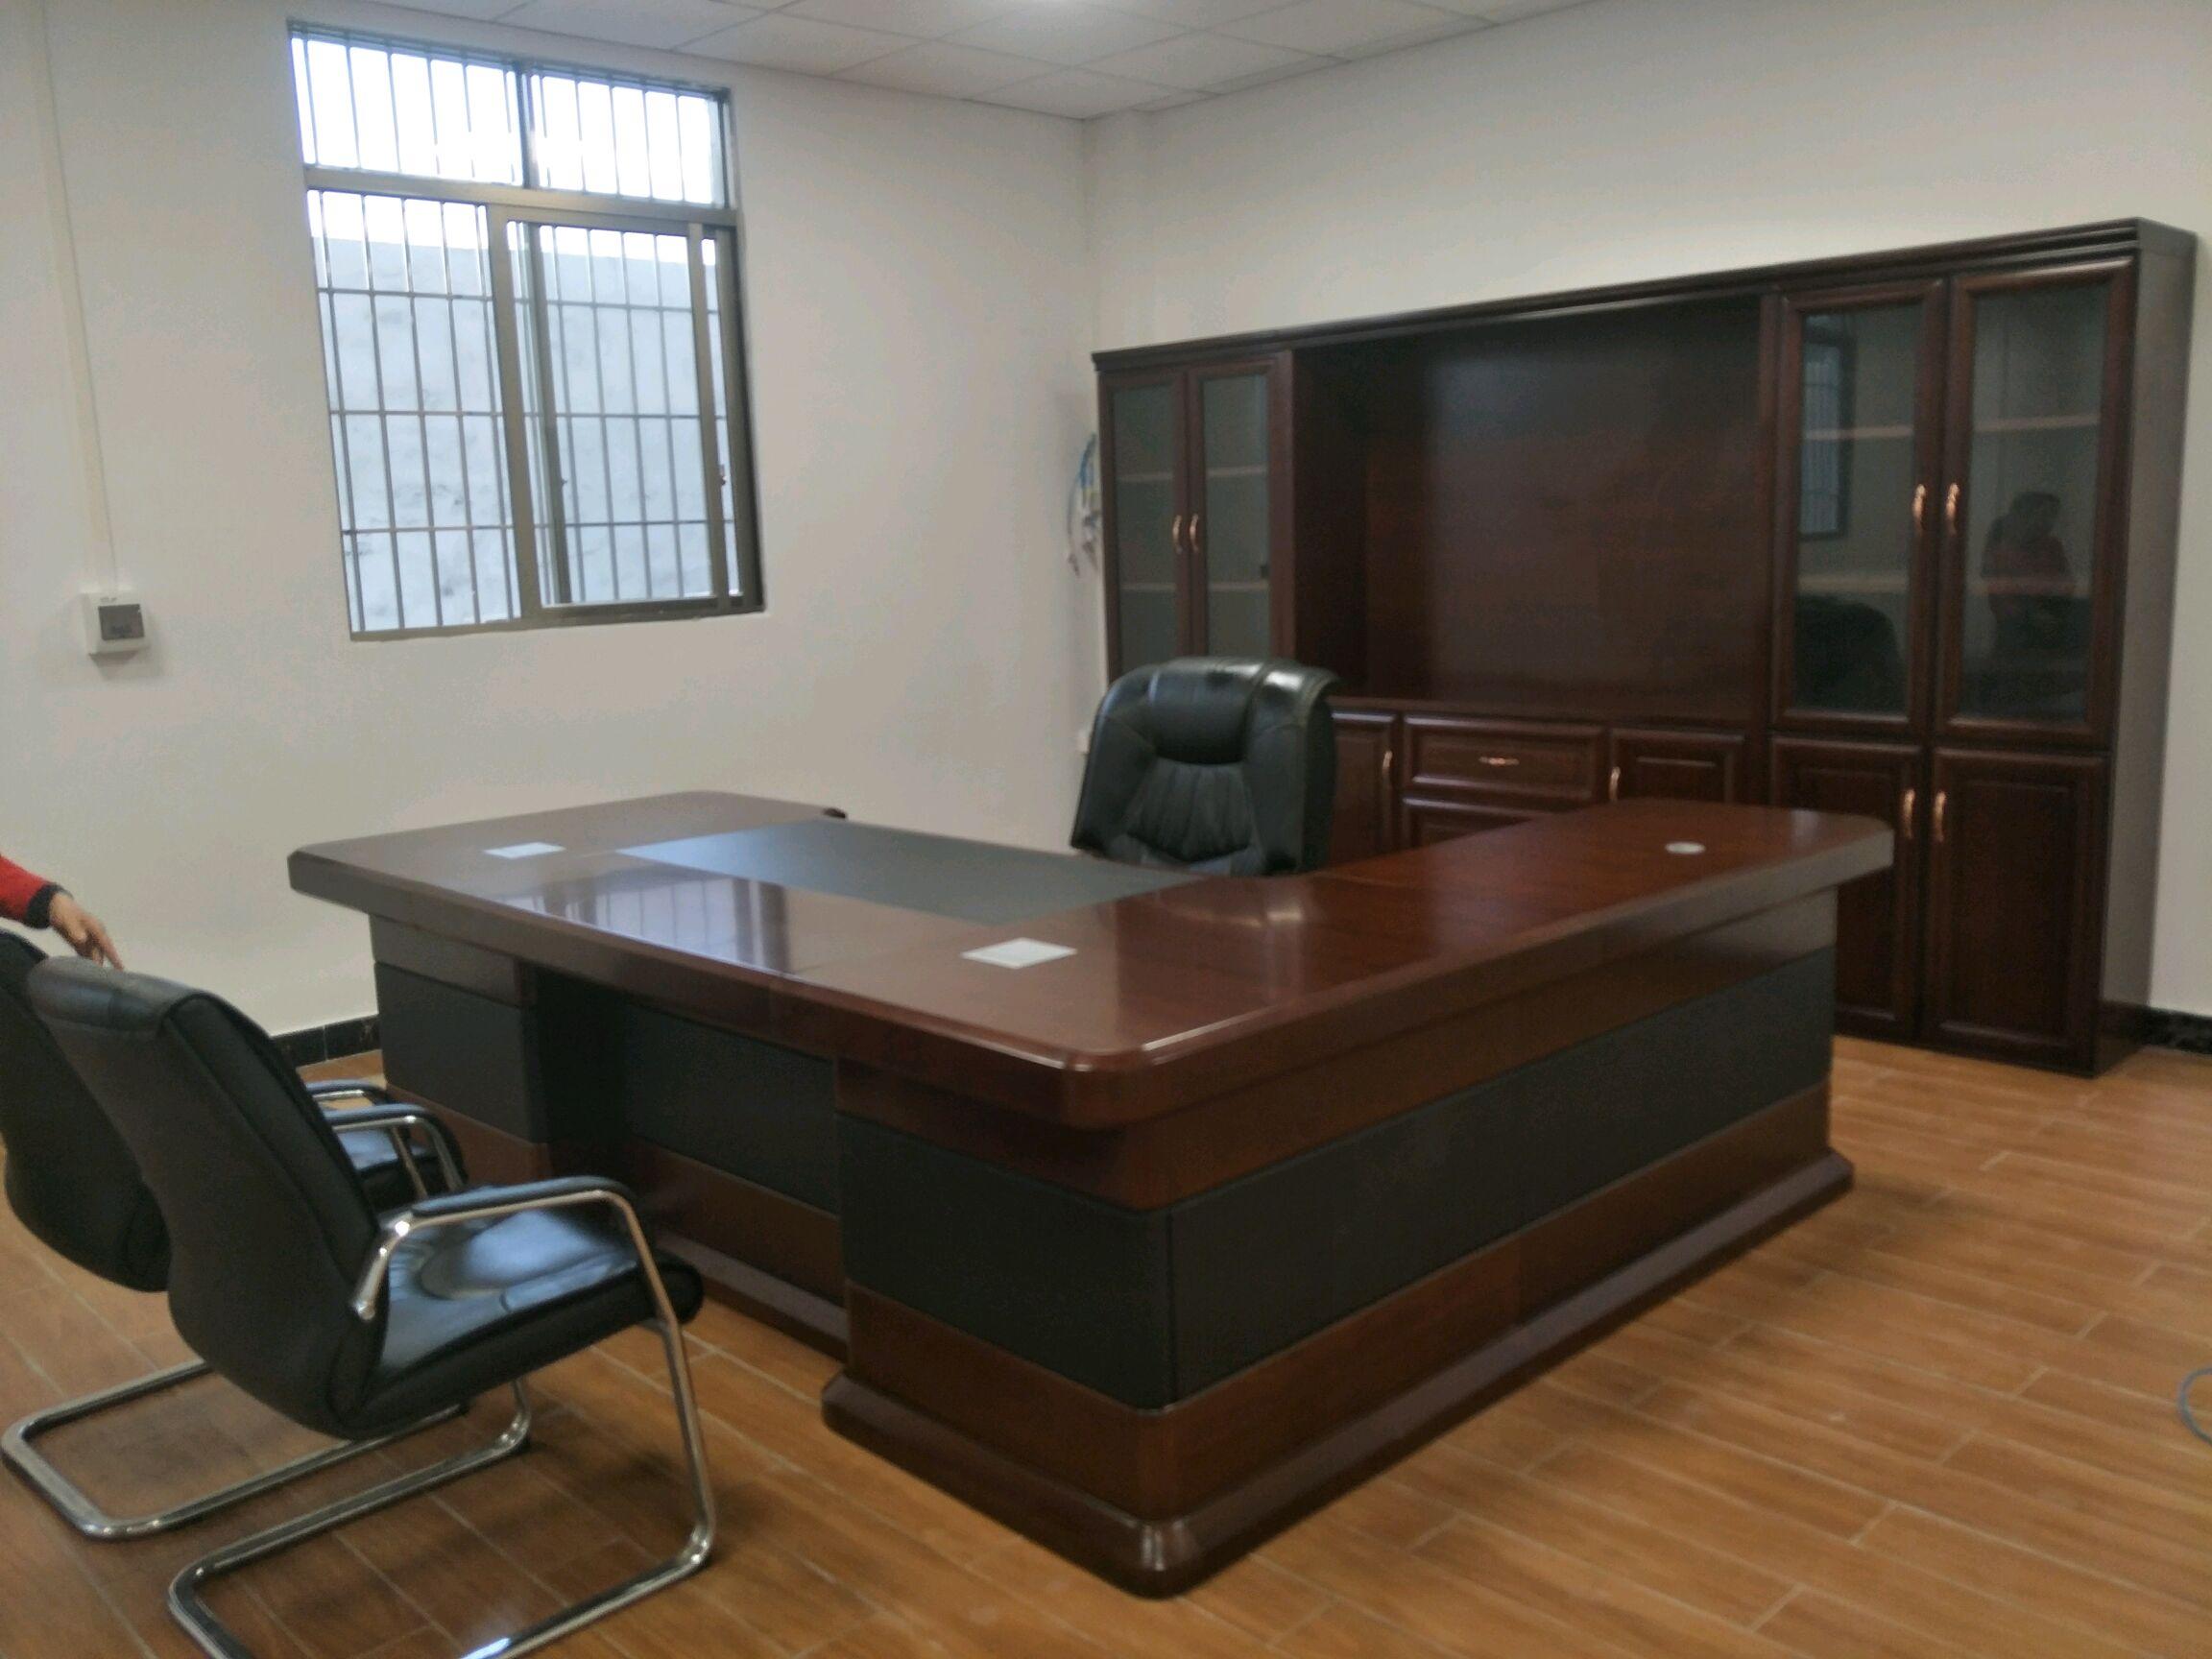 广州二手办公家具市场 二手桌椅回收 二手办公家具回收